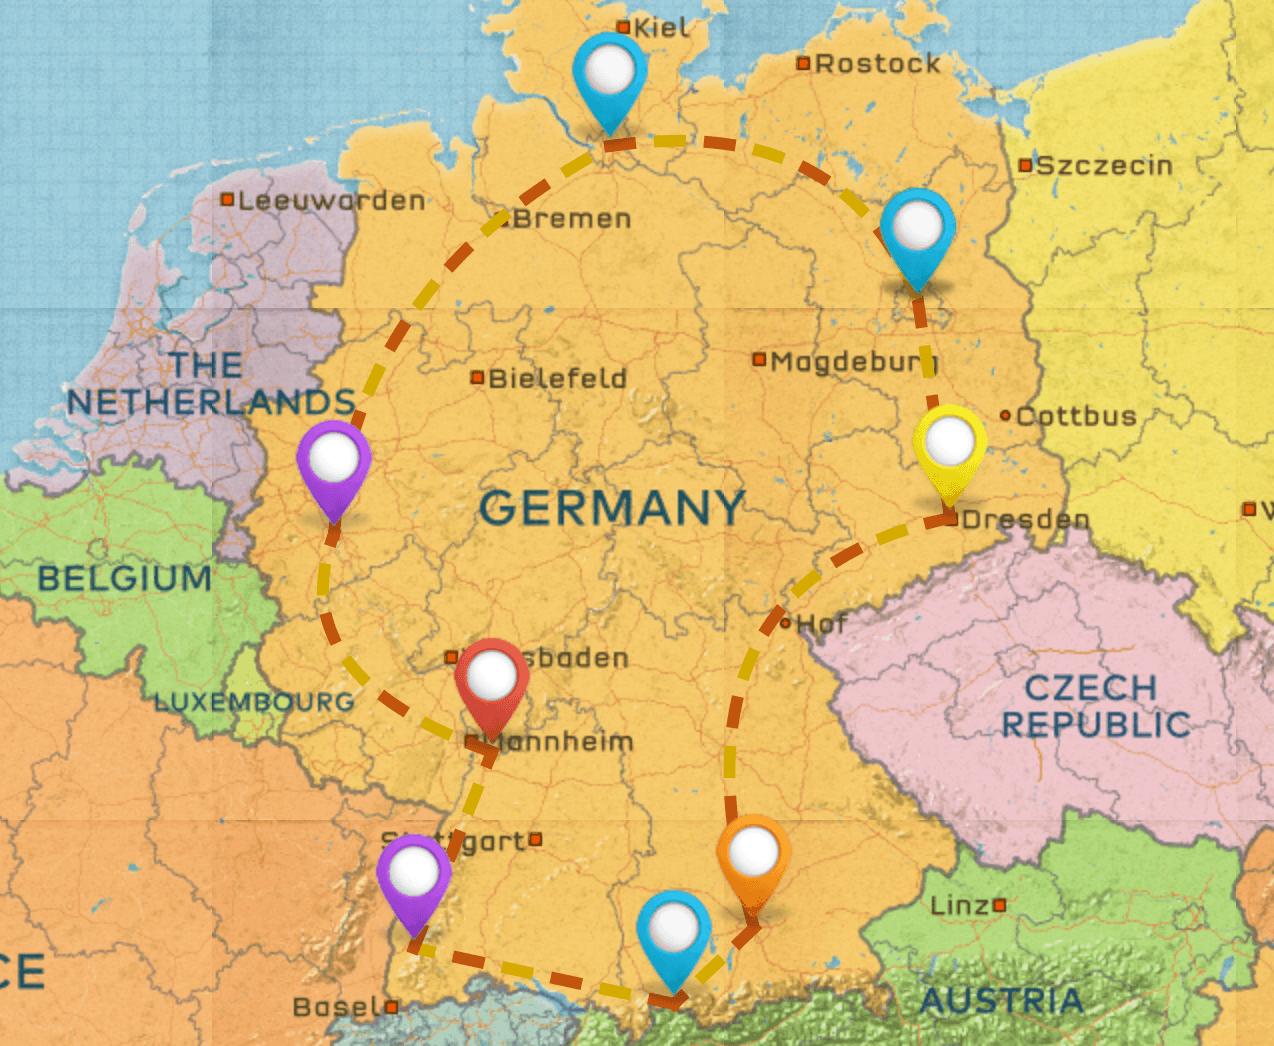 Germany Itinerary #1